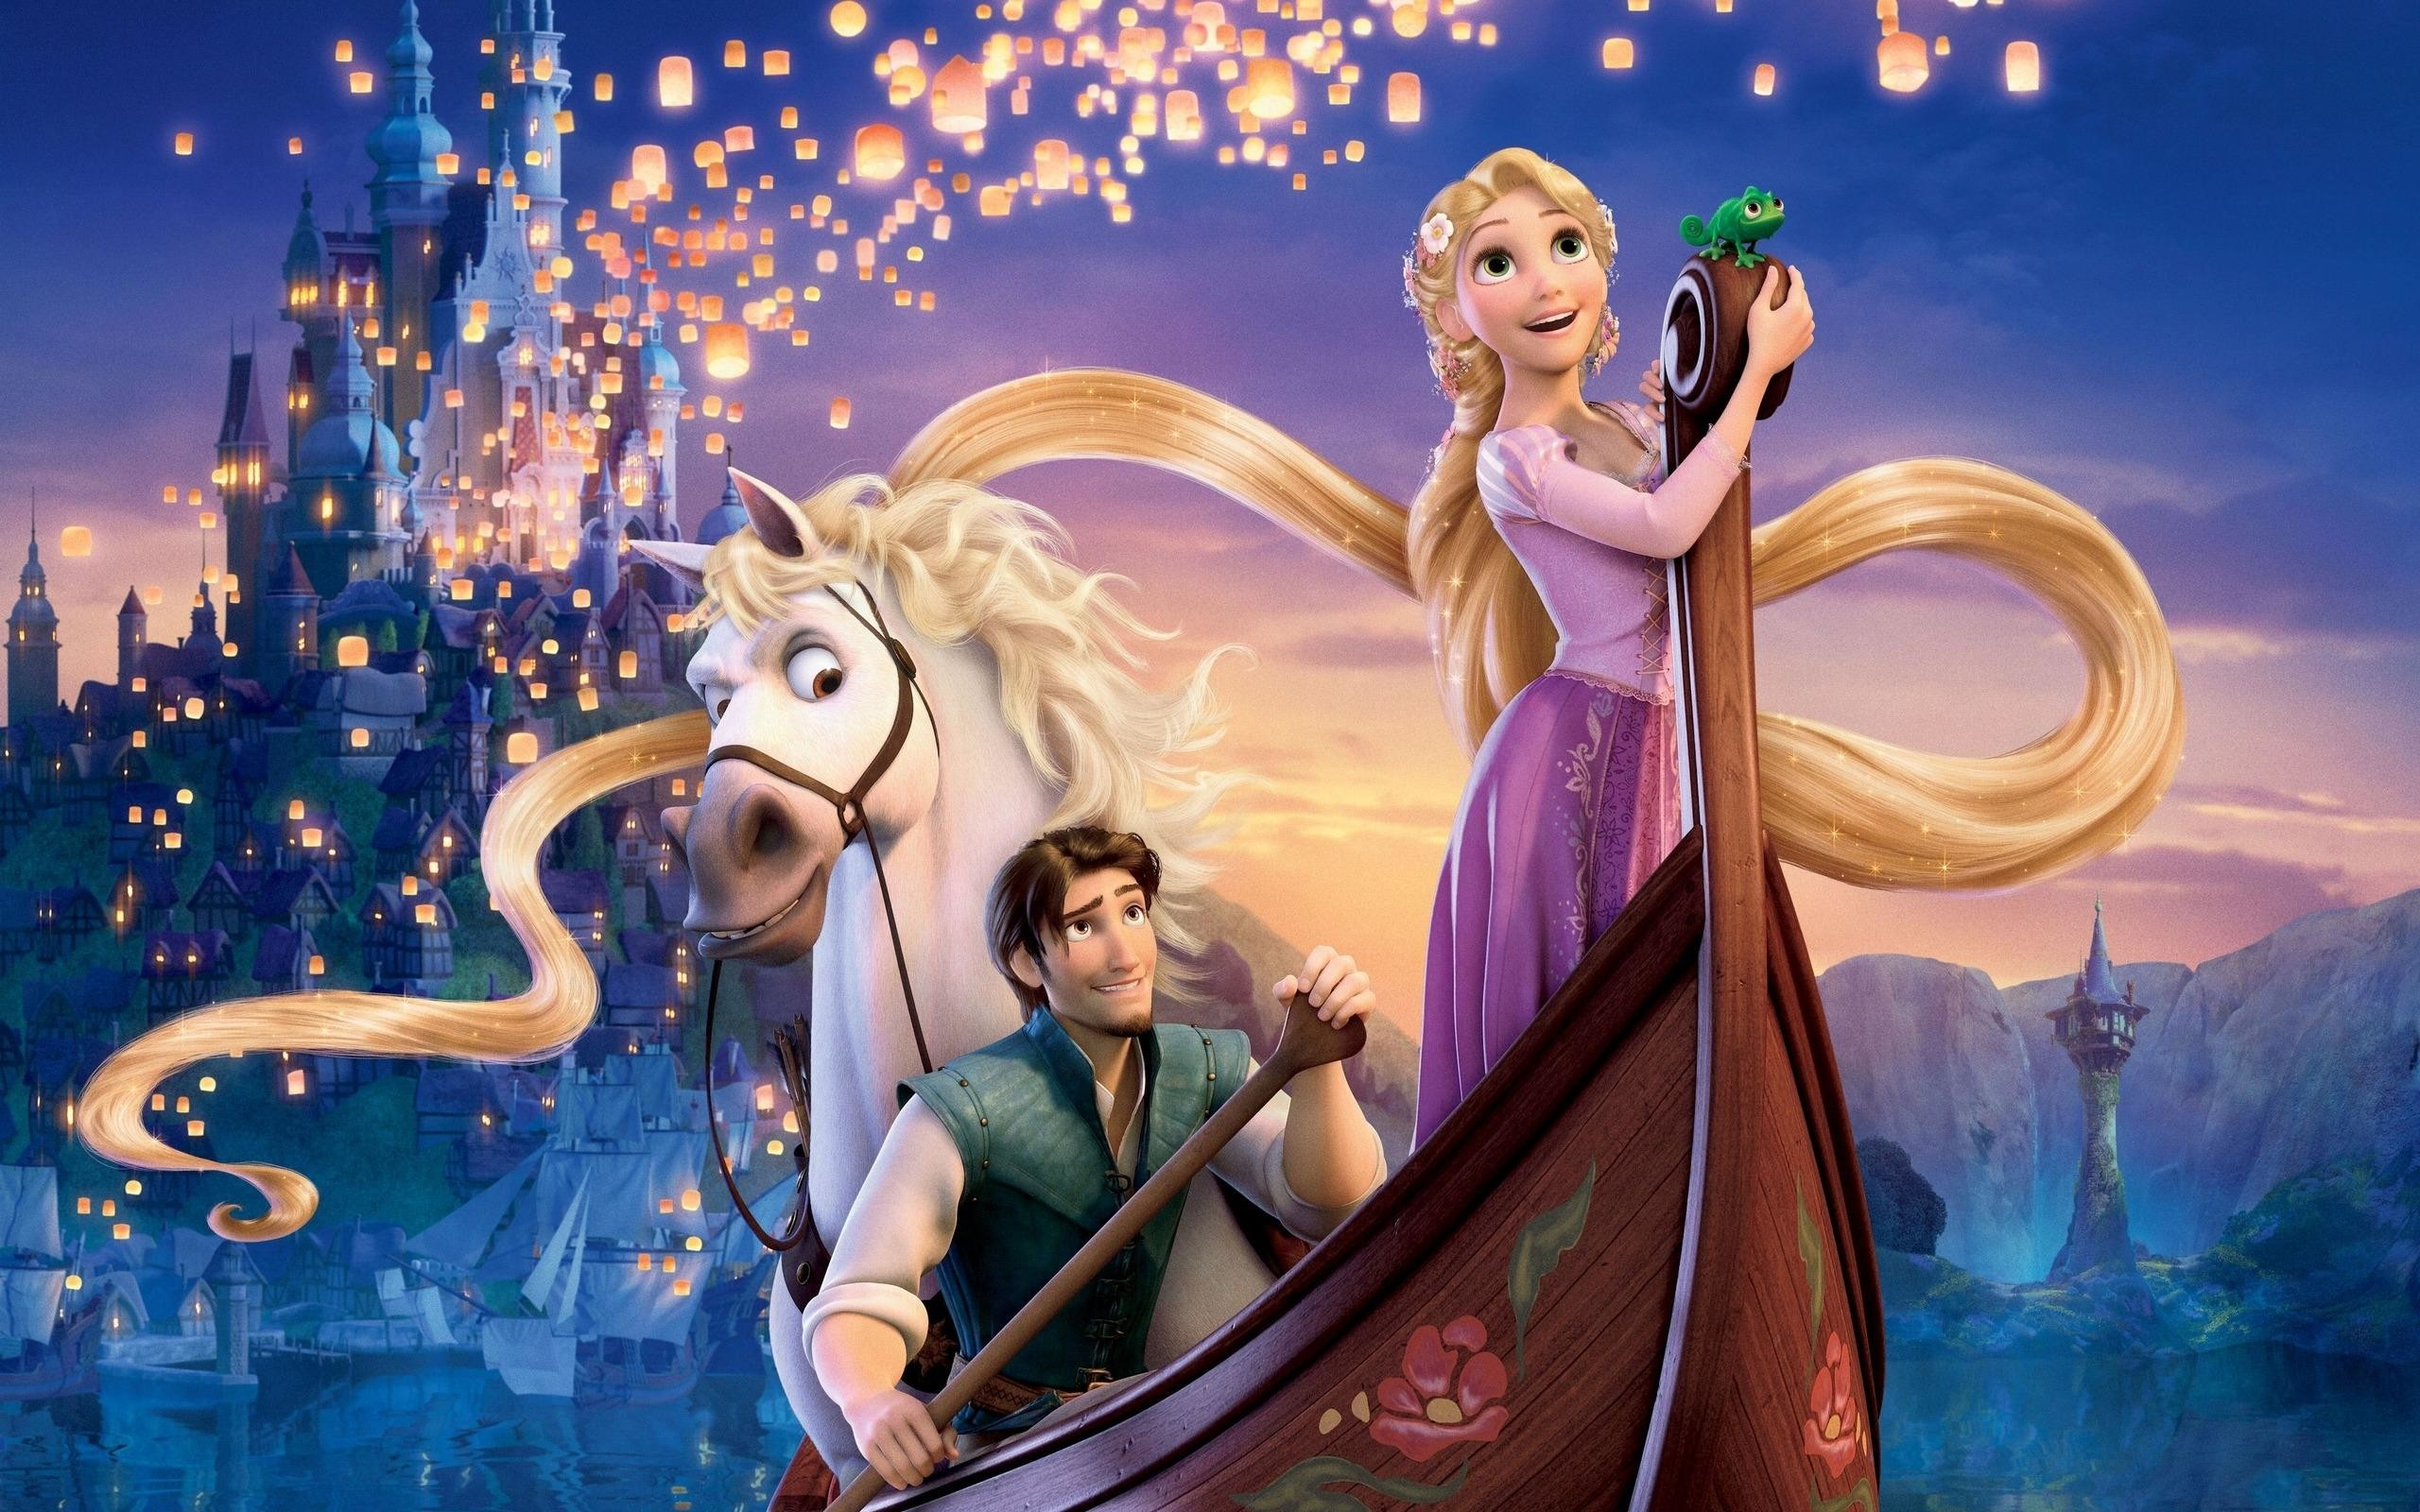 Free Disney Desktop Backgrounds – www.